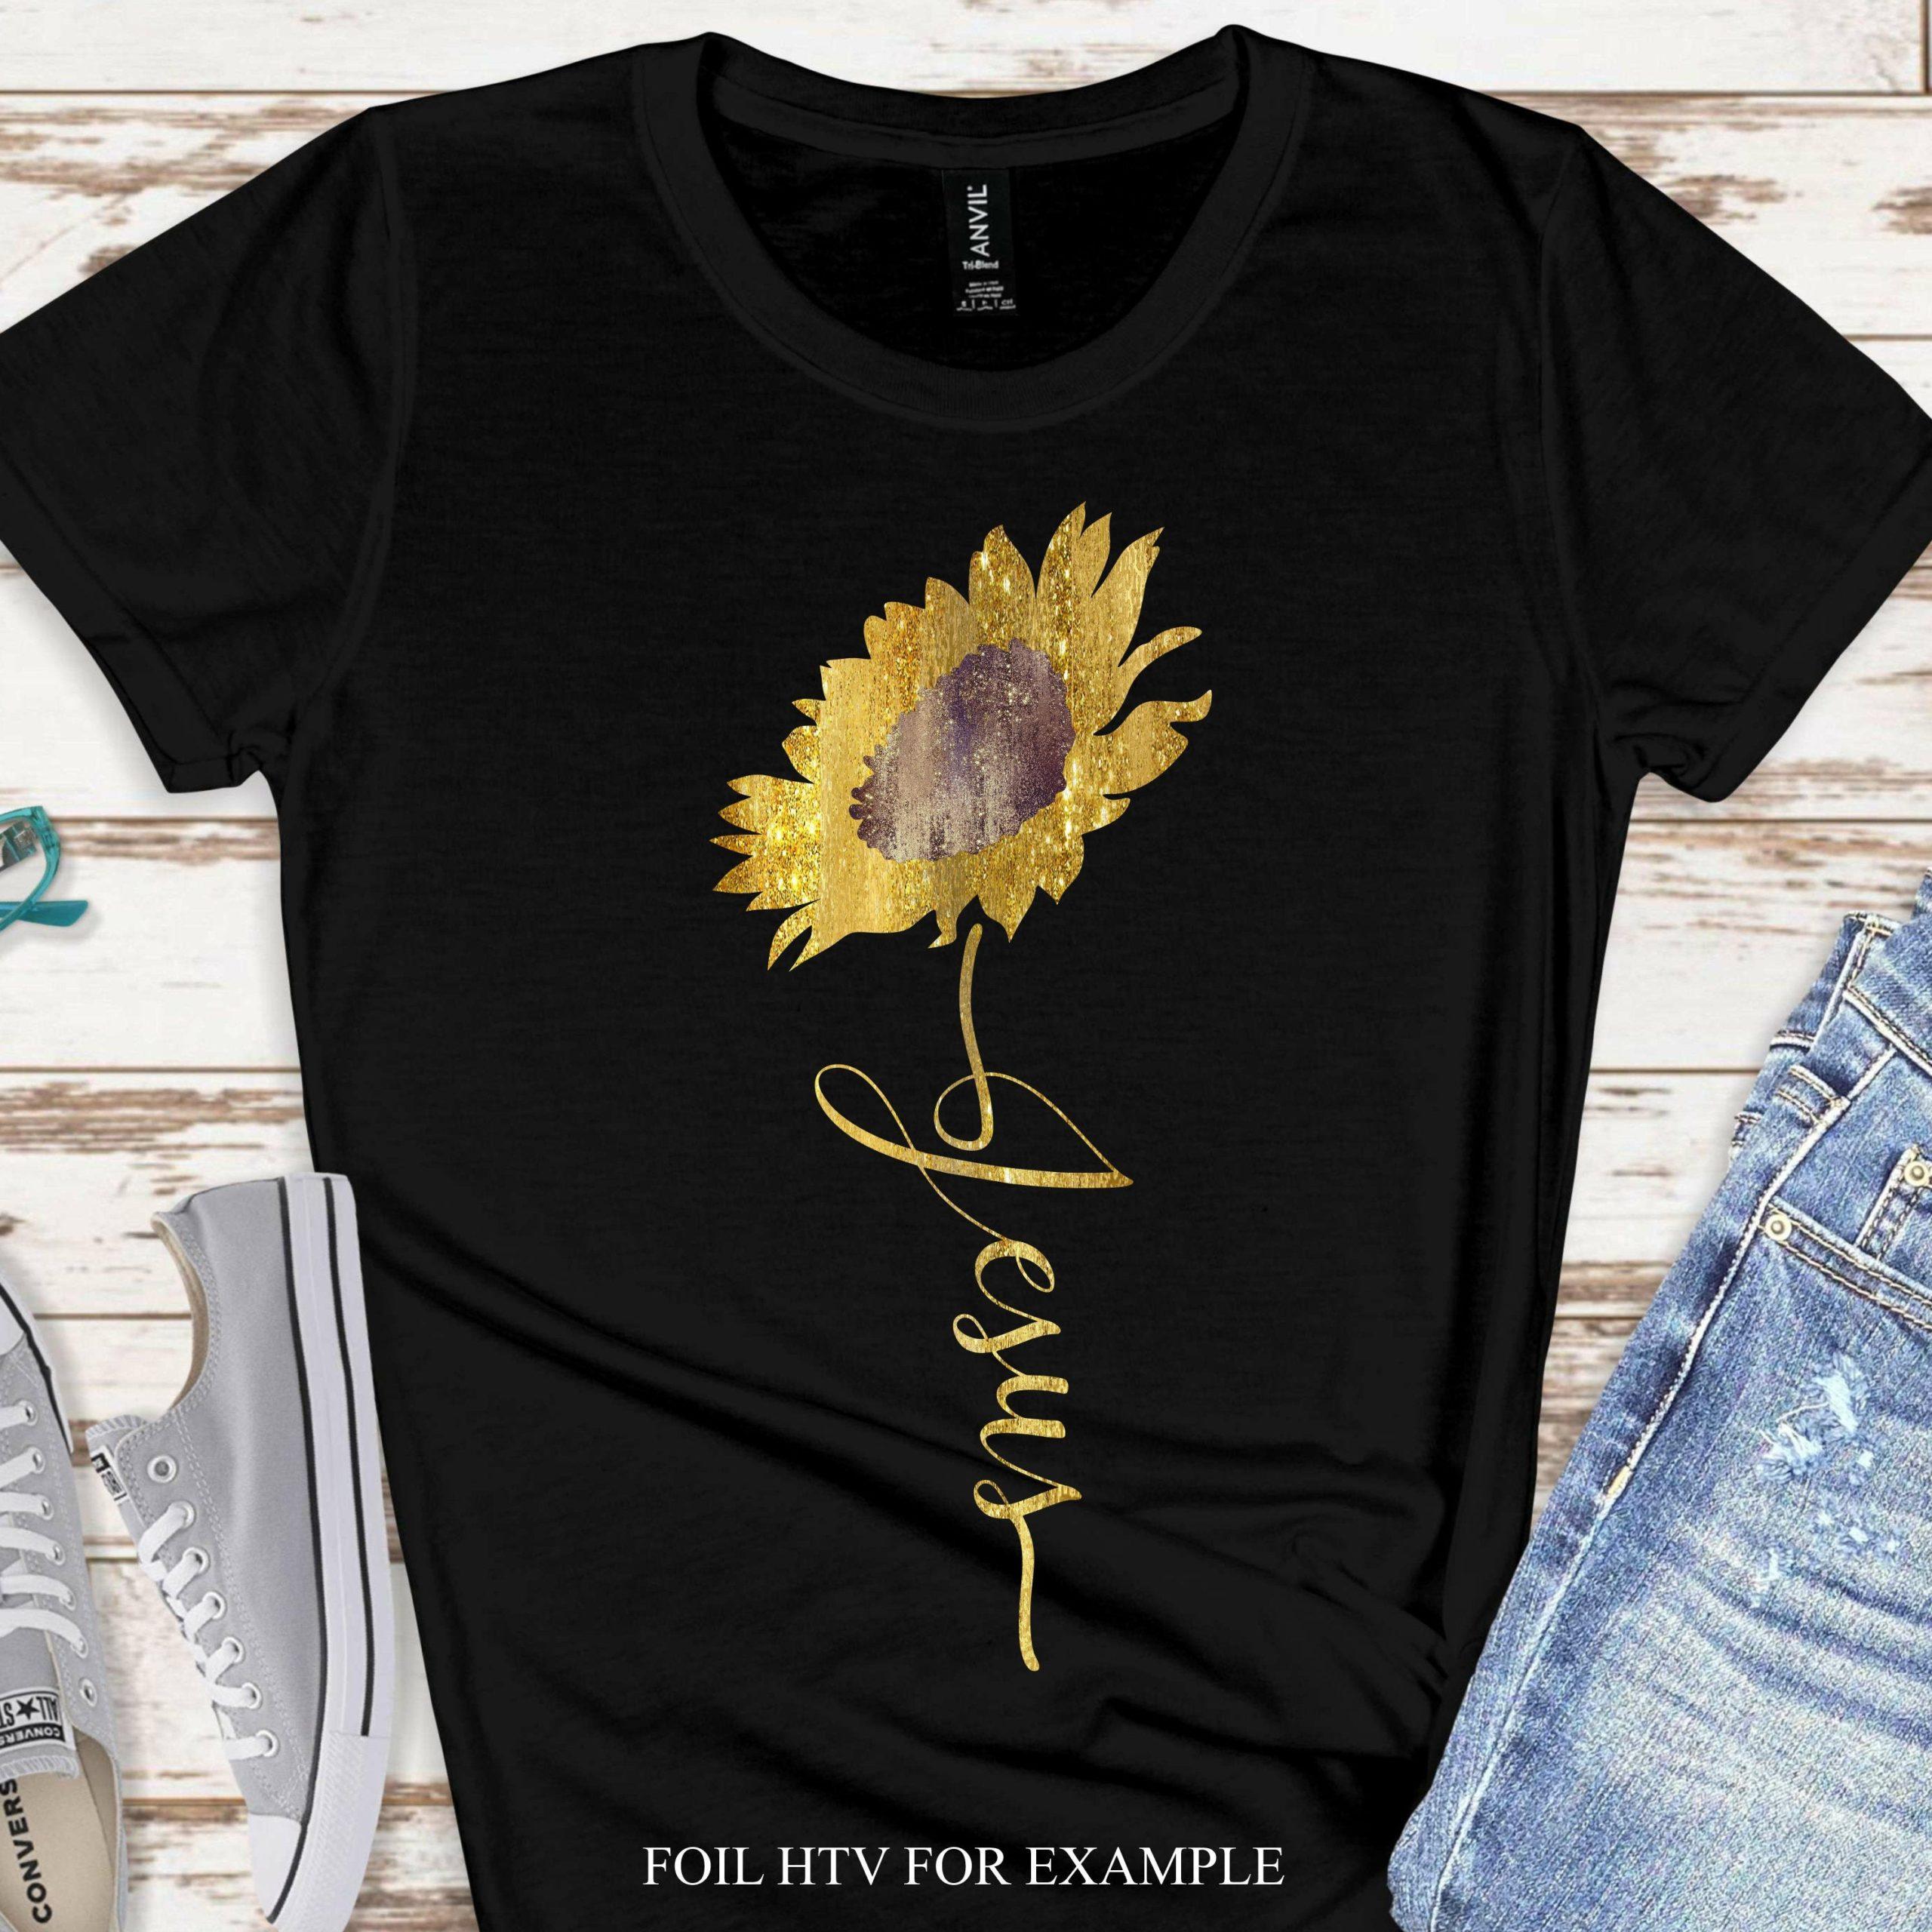 Jesus-sunflower-svgsunflower-svgcross-svgjesus-svgtshirt-svgjesus-svgjesus-cross-svgfaith-clipartsvg-for-cricutsilhouette-designs-60514227